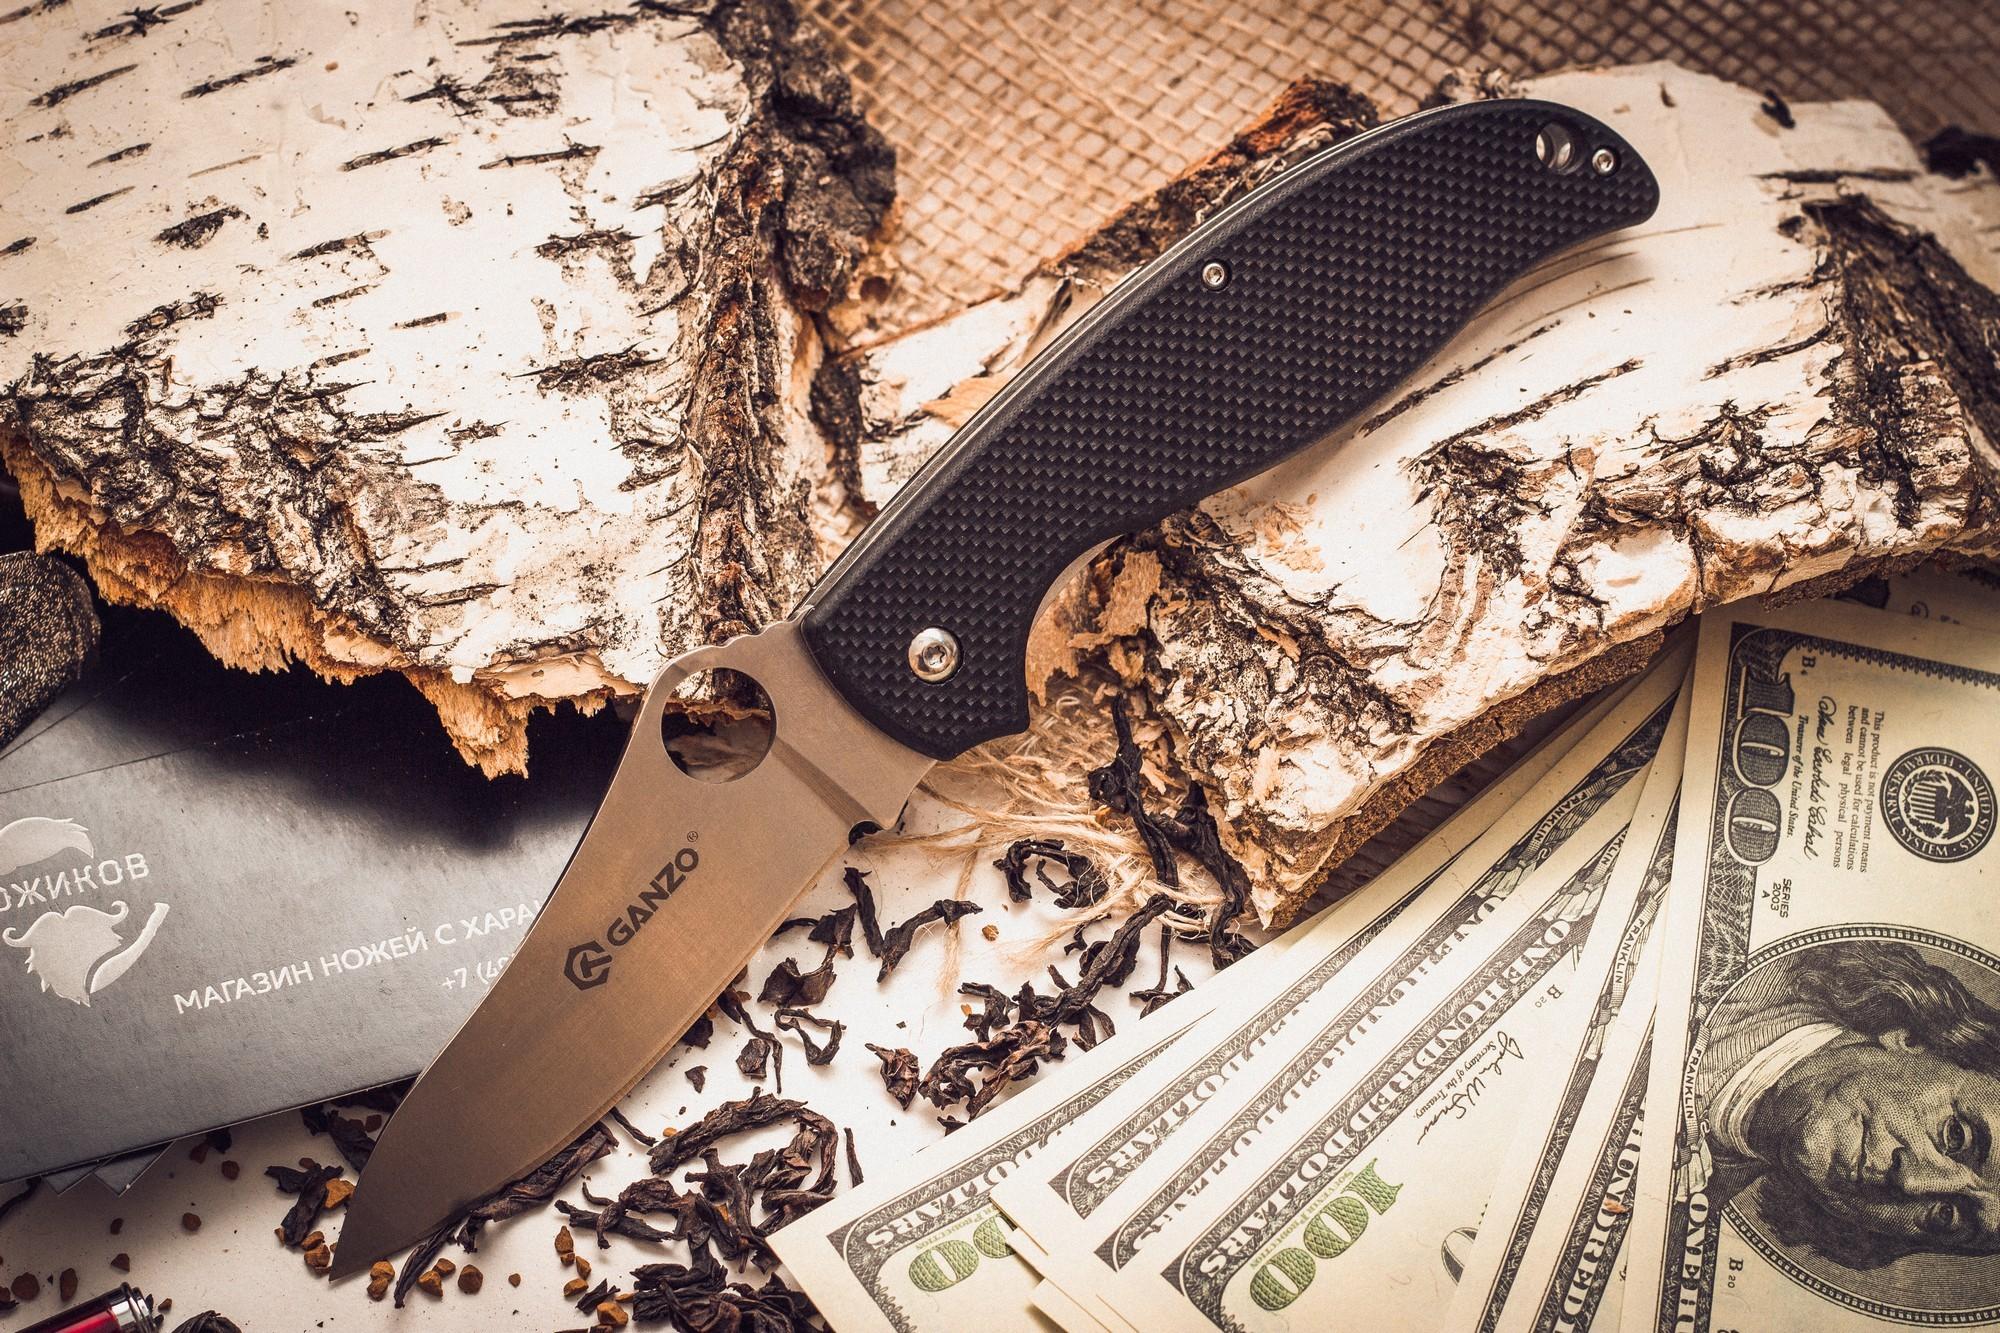 Складной нож Ganzo G734, черныйРаскладные ножи<br>Если вы выбираете нож для поездок на природу: туризма, рыбалки, пикников или занятий различными видами экстремального спорта, Ganzo G734 — именно та модель, на которую действительно стоит обратить внимание. Его клинок выполнен из нержавейки высокого качества (440С), которую широко используют многие известные производители. Гладкая заточка способствует многозадачности этой модели. Нож прекрасно подойдет для приготовления бутербродов, чистки рыбы, выполнения различных подсобных работ. Помимо того, у лезвия довольно необычная форма, которая понравится ценителям и коллекционерам ножей. Длина лезвия ножика достигает 89 мм при толщине пластины по обуху 30,33 см.<br>Чтобы Ganzo G734 было удобно держать в руках, на его рукоятке с обеих сторон размещены накладки из популярного стеклопластика G10. Он получил большое распространение благодаря необычайной прочности (это композитный материал), легкости формовки и способности долго сохранять свои свойства. Кстати, стеклопластик комфортно держать в руках и зимой, и летом, в отличие от некоторых других материалов, на которые существенно влияет температура окружающей среды. Для модели Ganzo G734 производители предусмотрели четыре варианта расцветок рукоятки: хаки, оранжевая, черная и болотно-зеленая. В хвосте рукоятки сделано небольшое отверстие для темляка.<br>Сделан по аналогузнаменитогоножа Spyderco.<br>